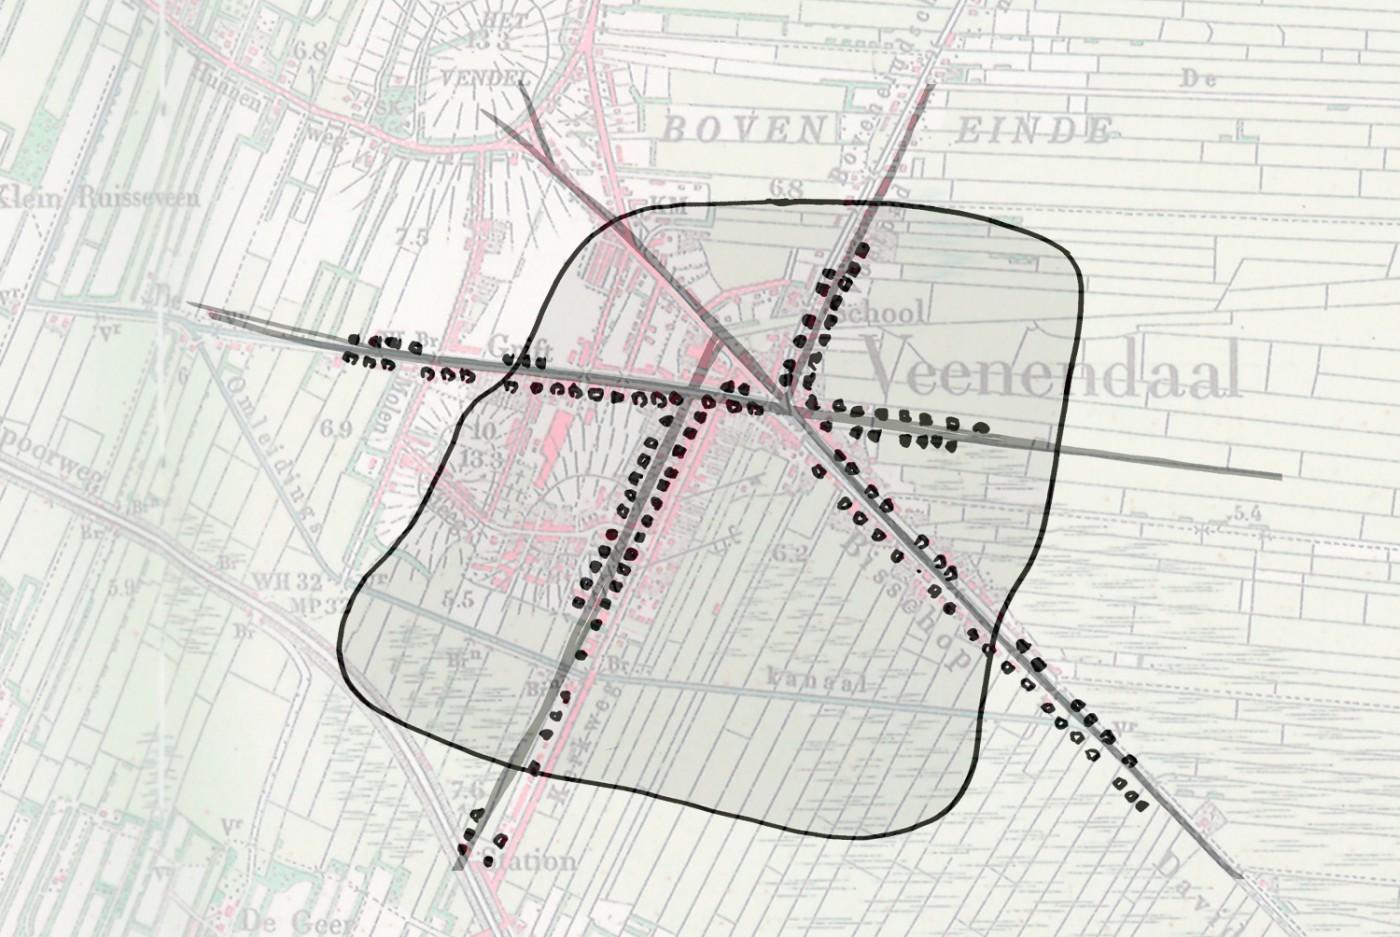 buro-sant-en-co-landschapsarchitectuur-veenendaal-winkelgebied-langelijnen fijnekorrel